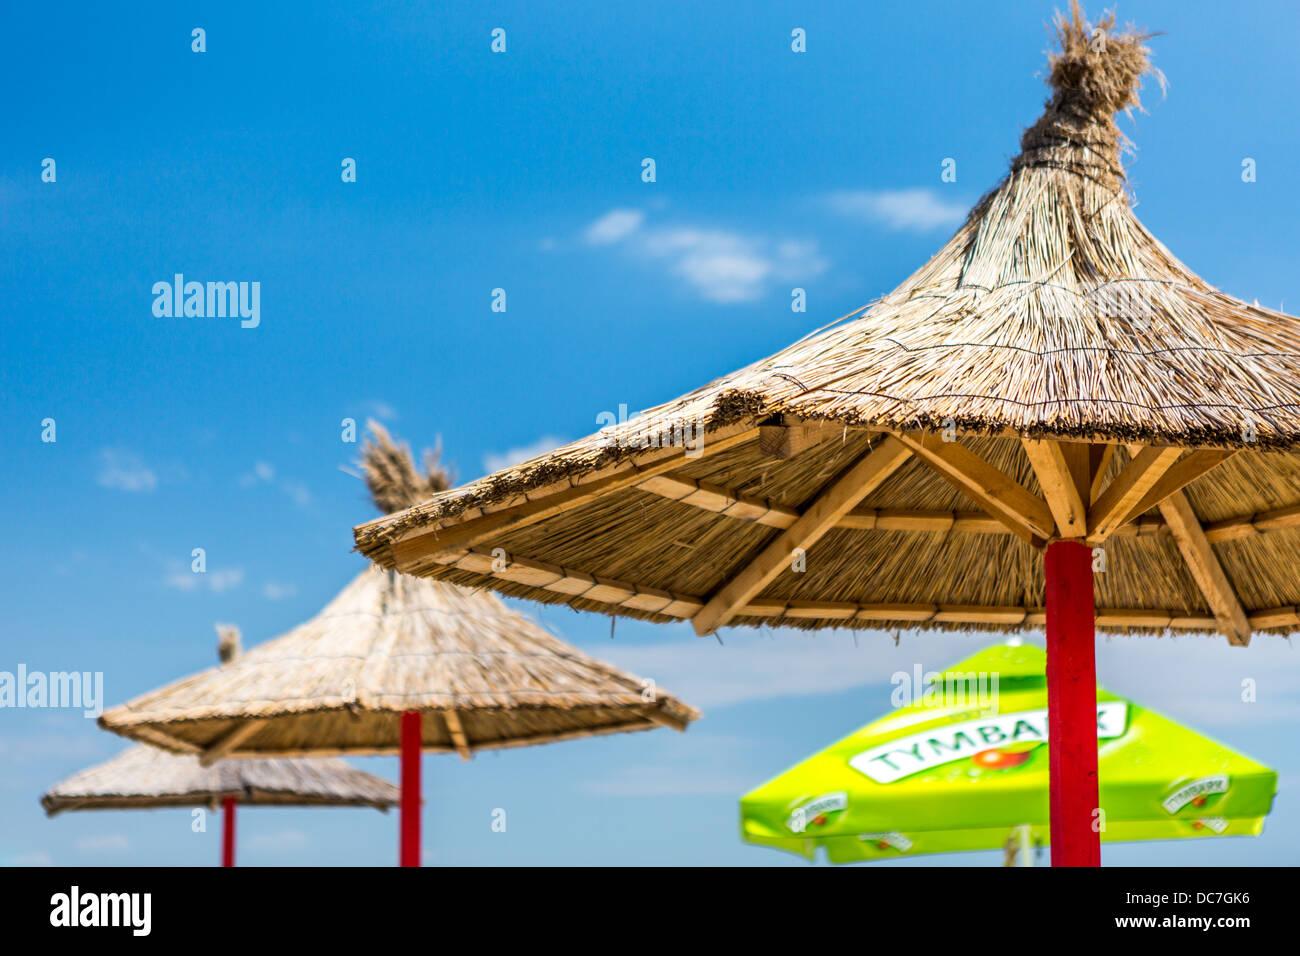 Reihe von Stroh Sonnenschirme Stockbild